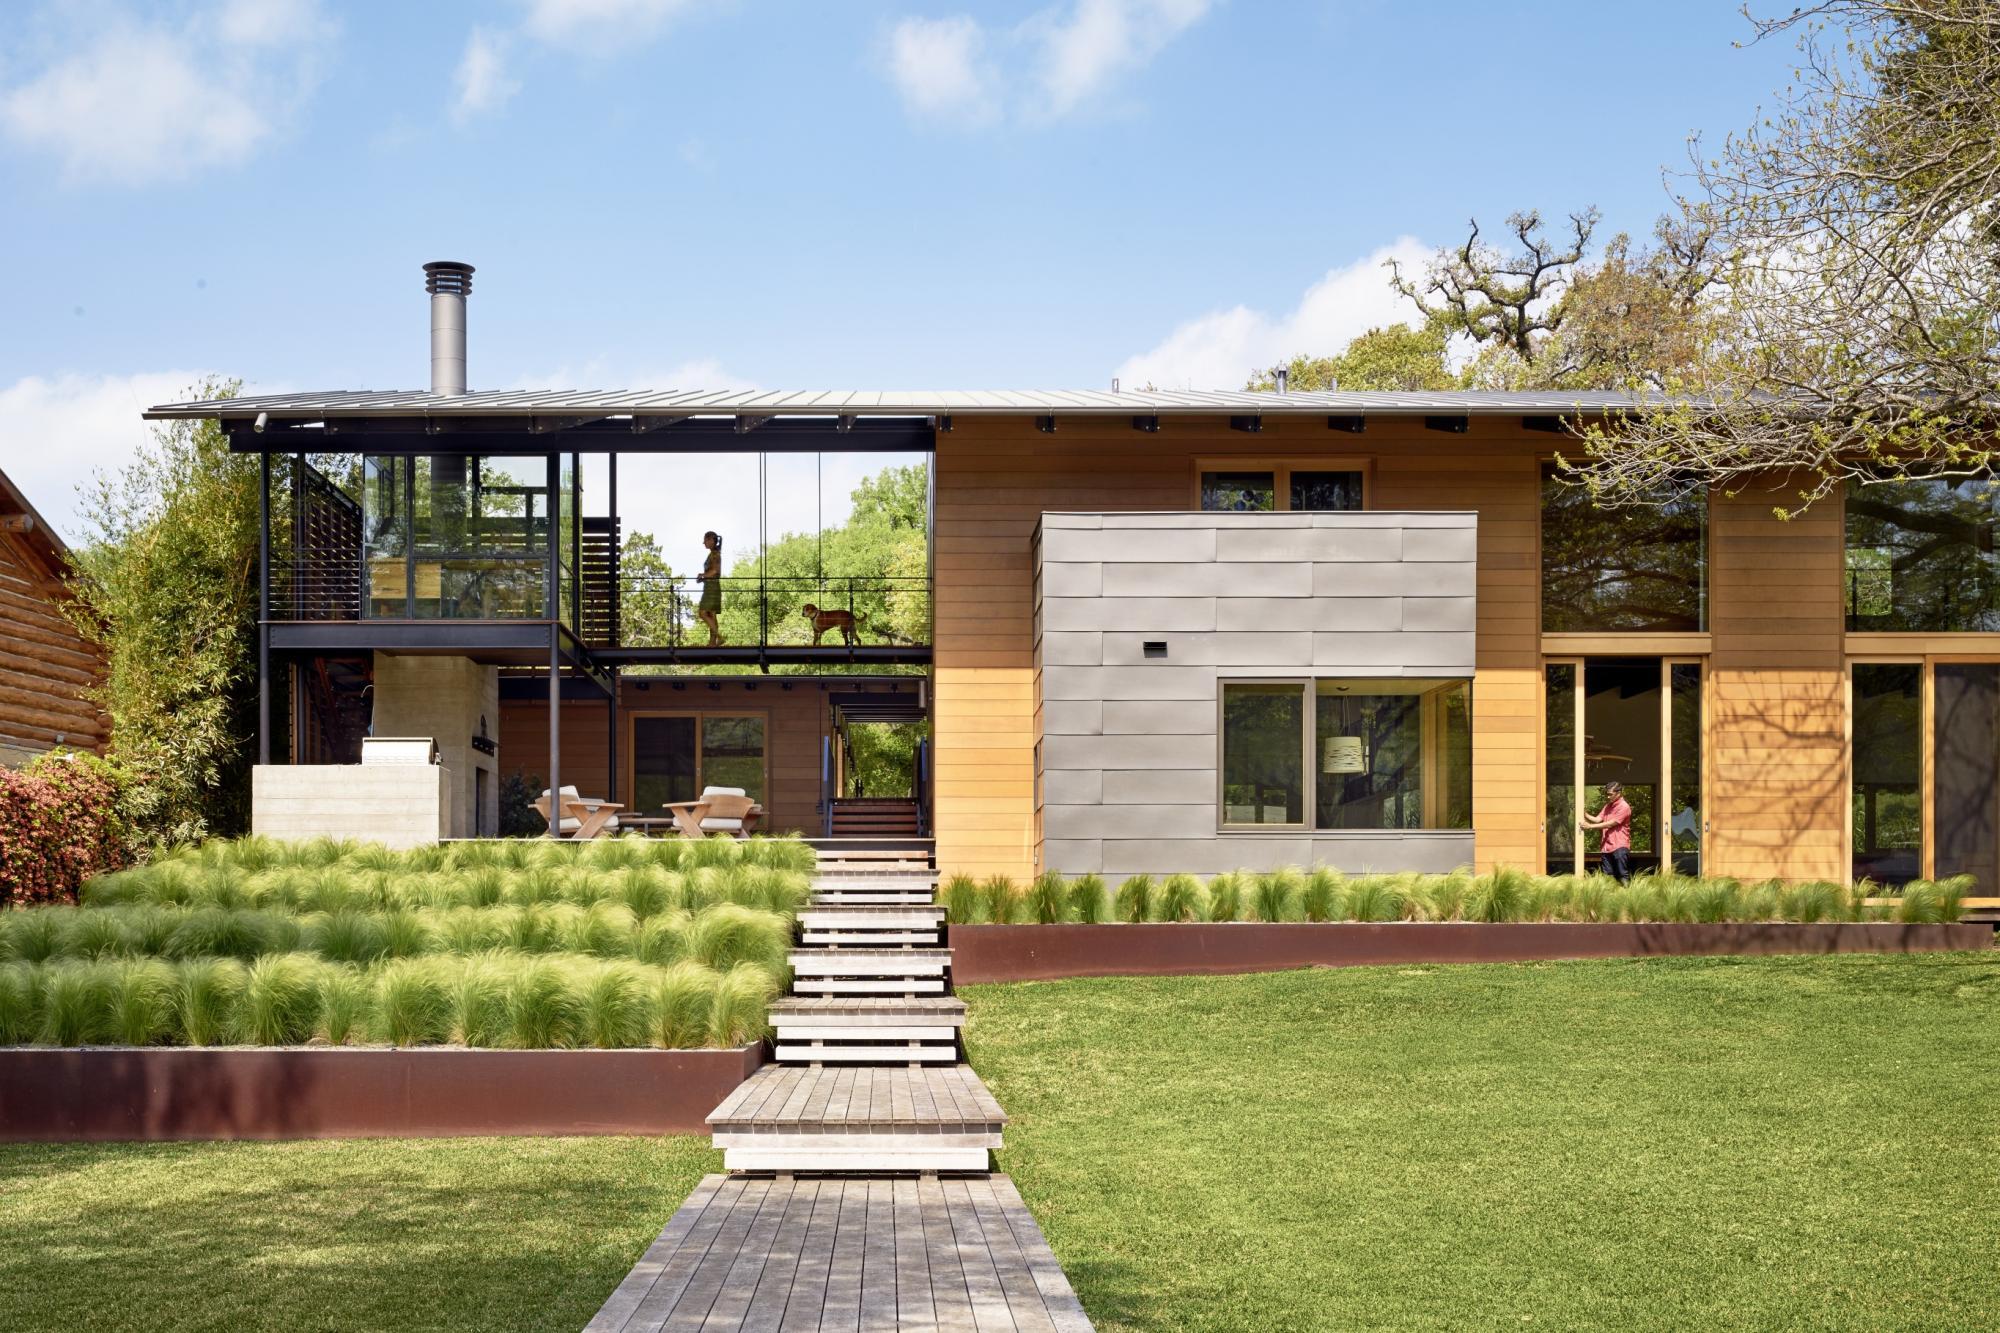 Топ-10 зданий с самым оригинальным дизайном: победители конкурса жилых домов